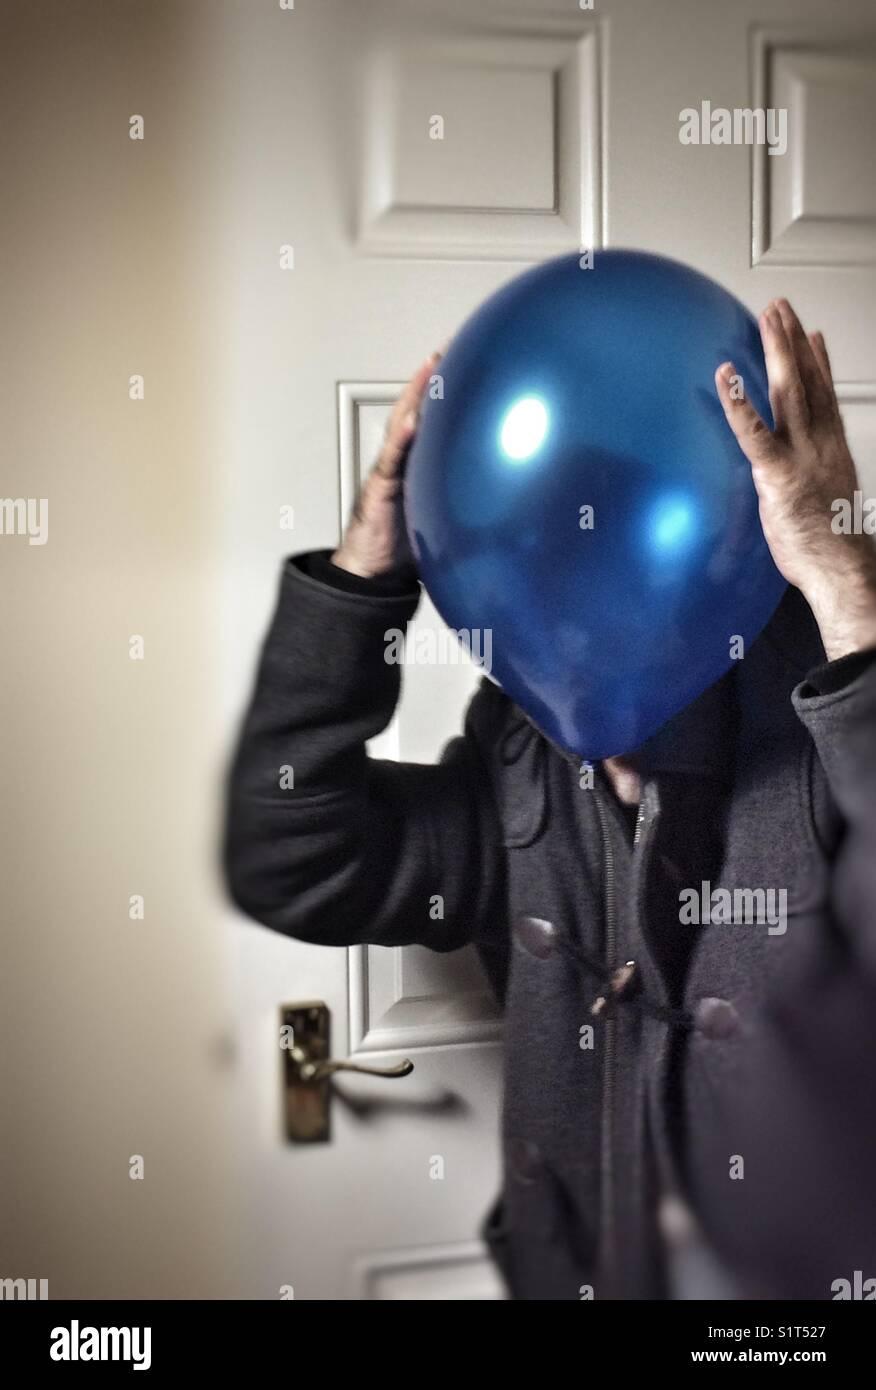 Signor blu/mongolfiere mal di testa entrando nella stanza Immagini Stock